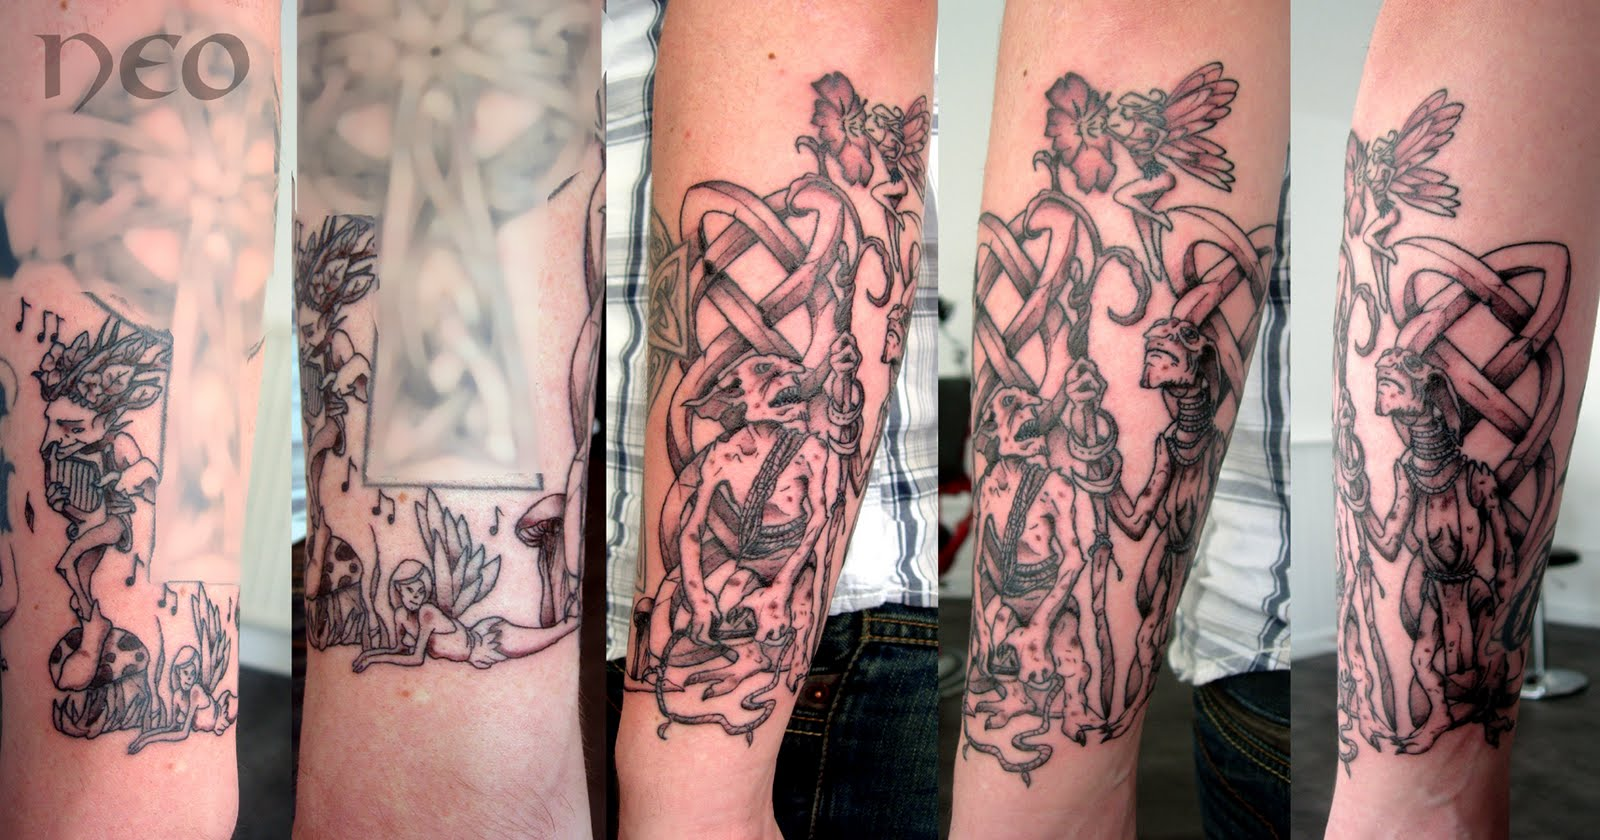 Tatouage Manchette Avant Bras - Les 40 plus beaux tatouages de Pinterest Elle